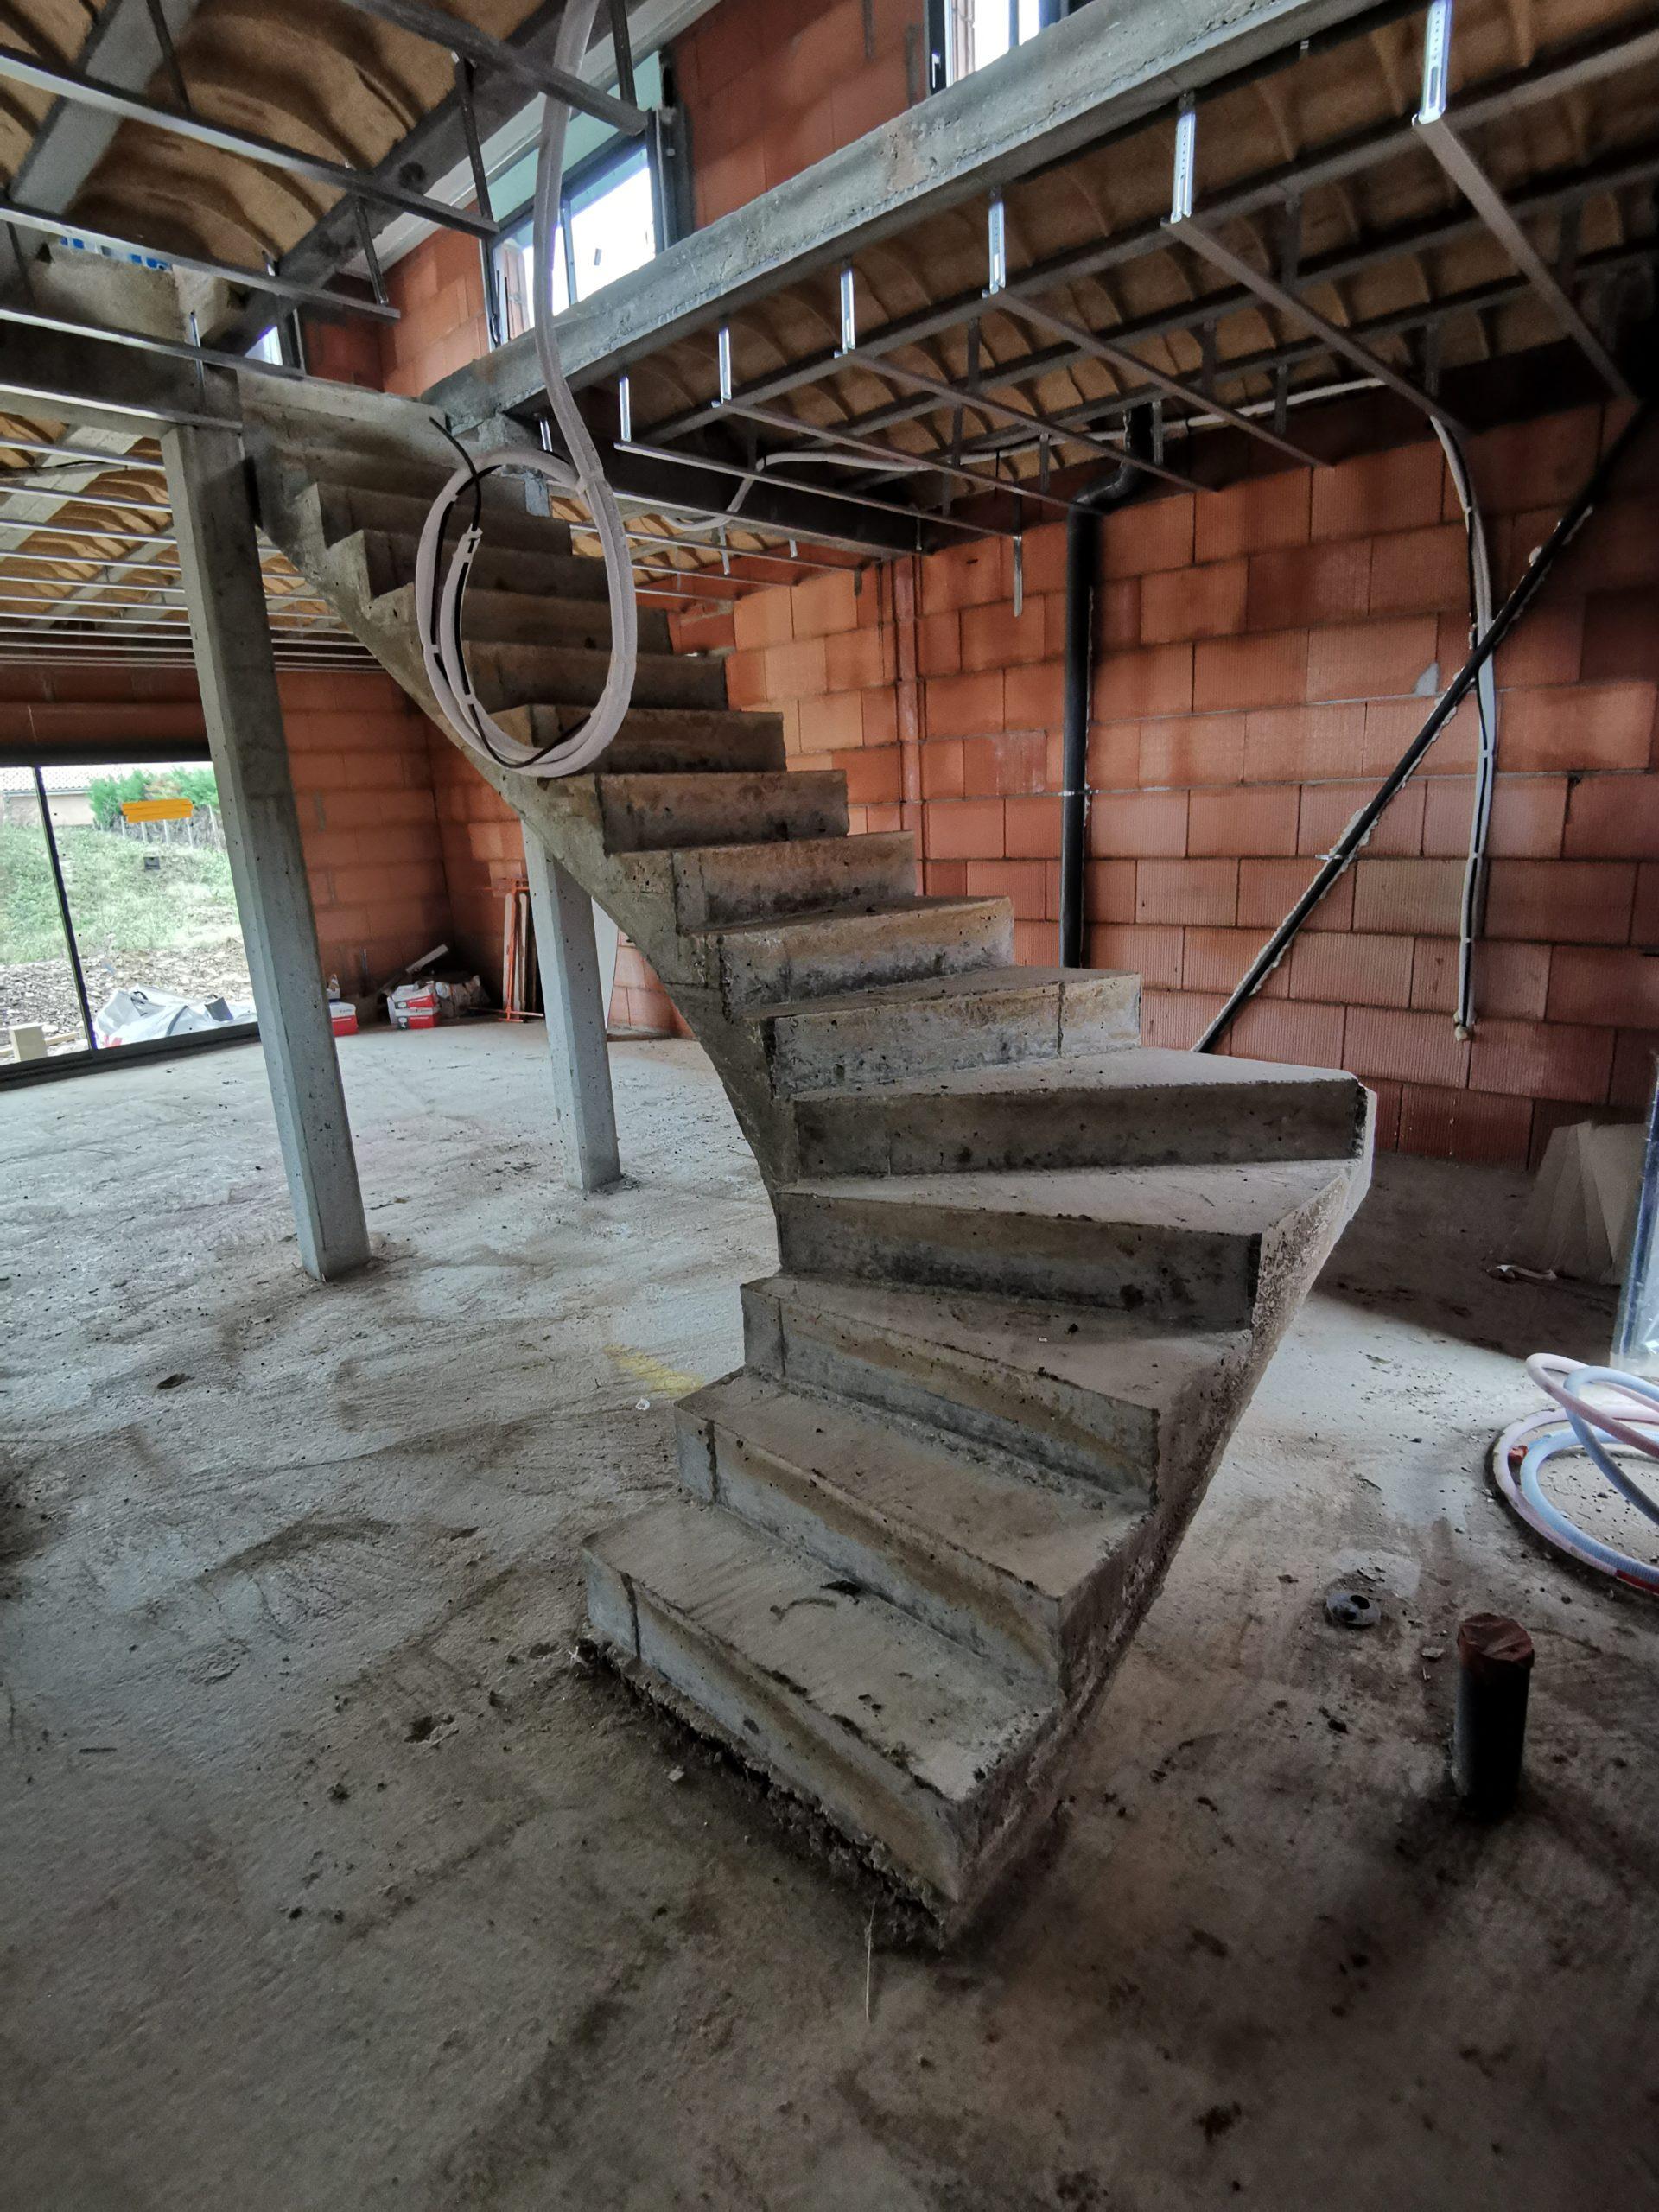 Départ de l'escalier en quart tournant à gauche pour accéder à l'étage de cette maison individuelle en construction